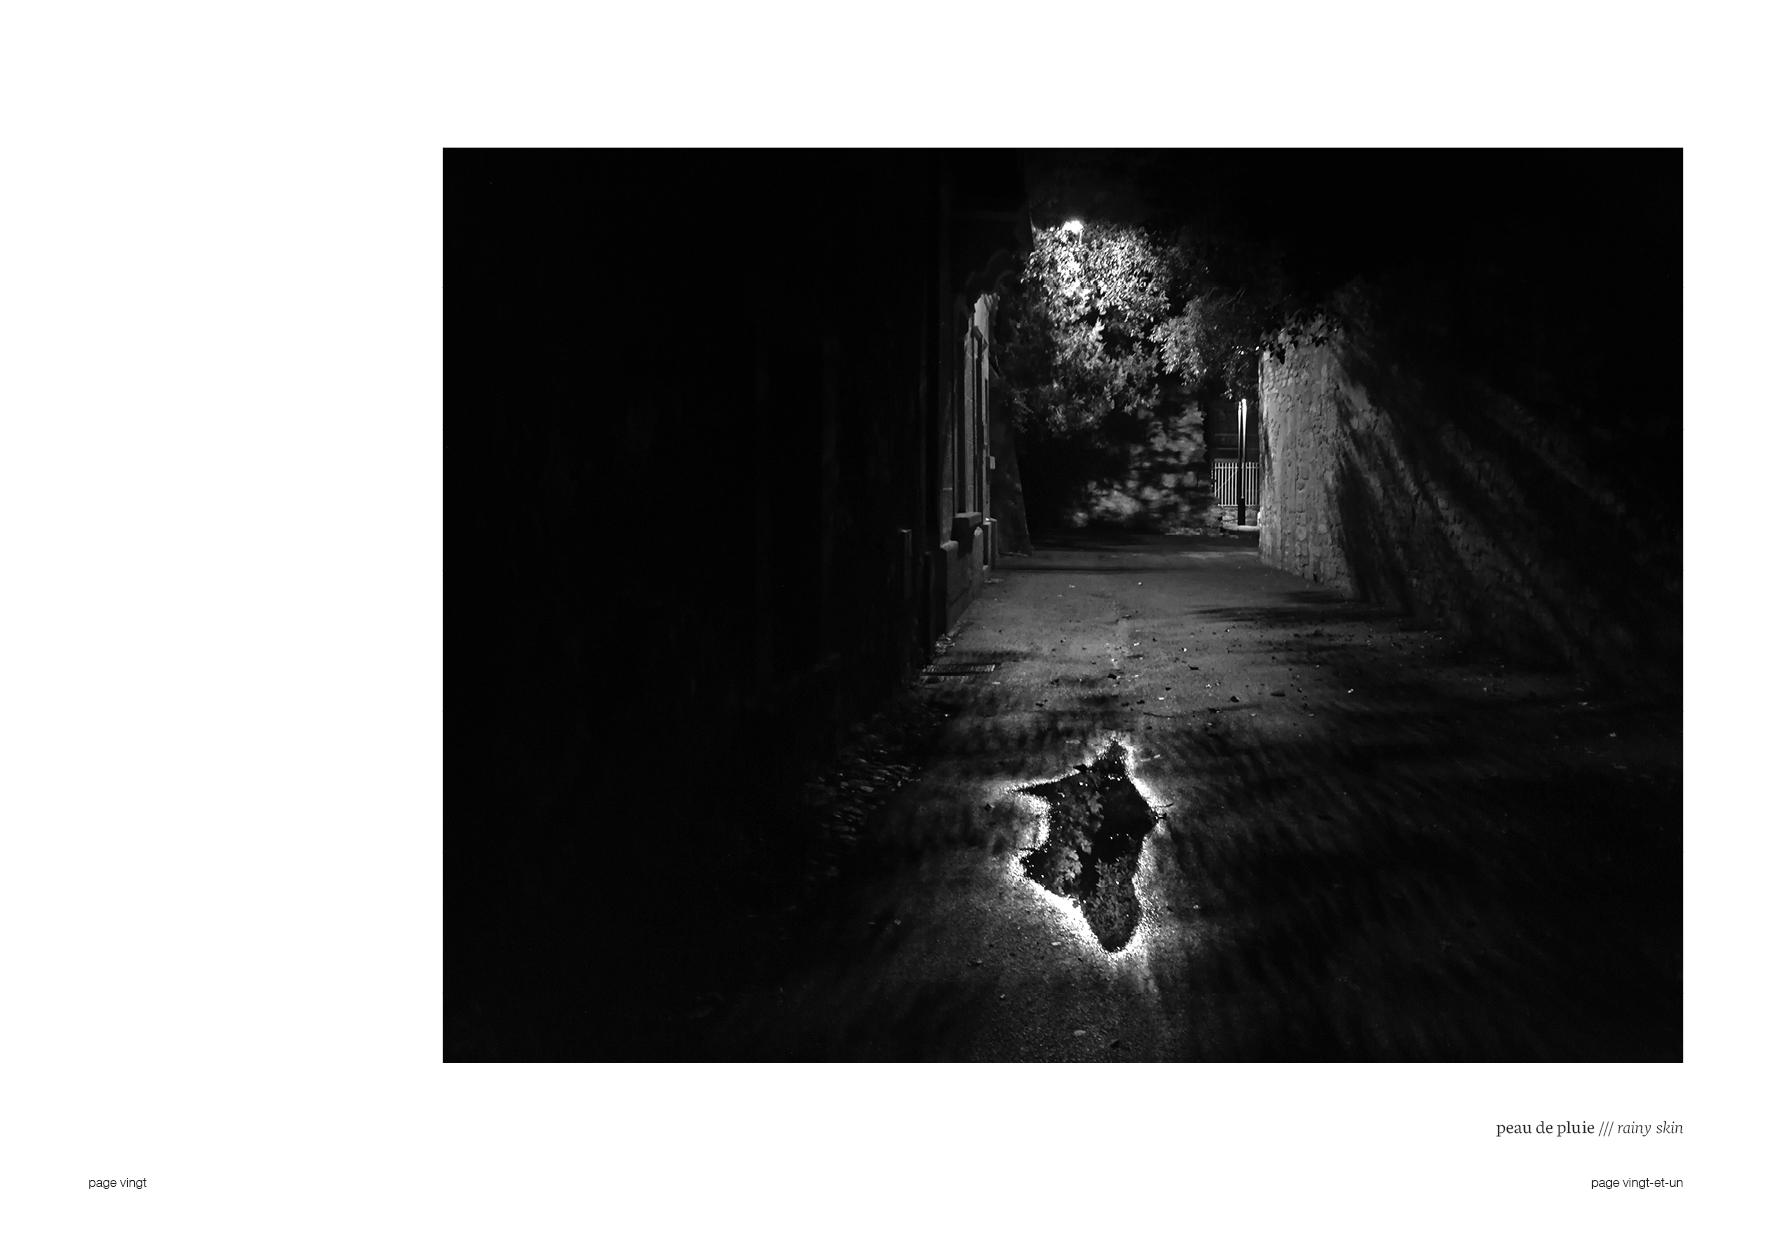 ARLES-sous_la_pluie-p20-21